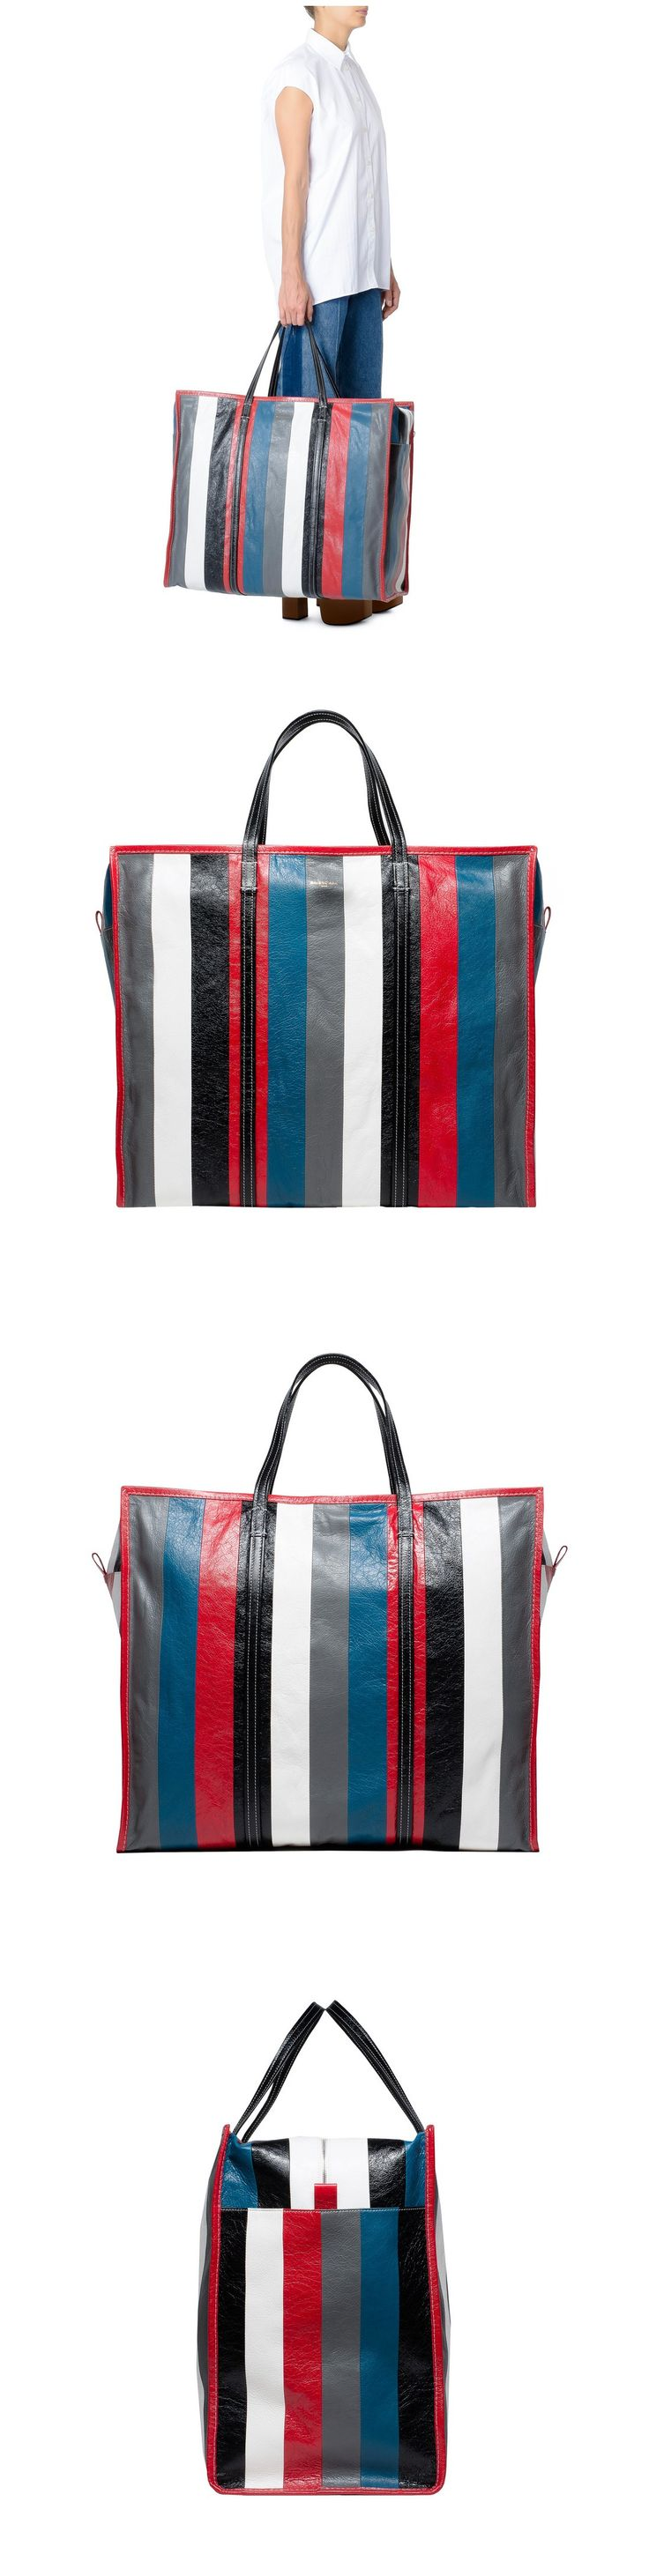 #balenciaga #bazar #shopper #totebag #handbag #large #XXL